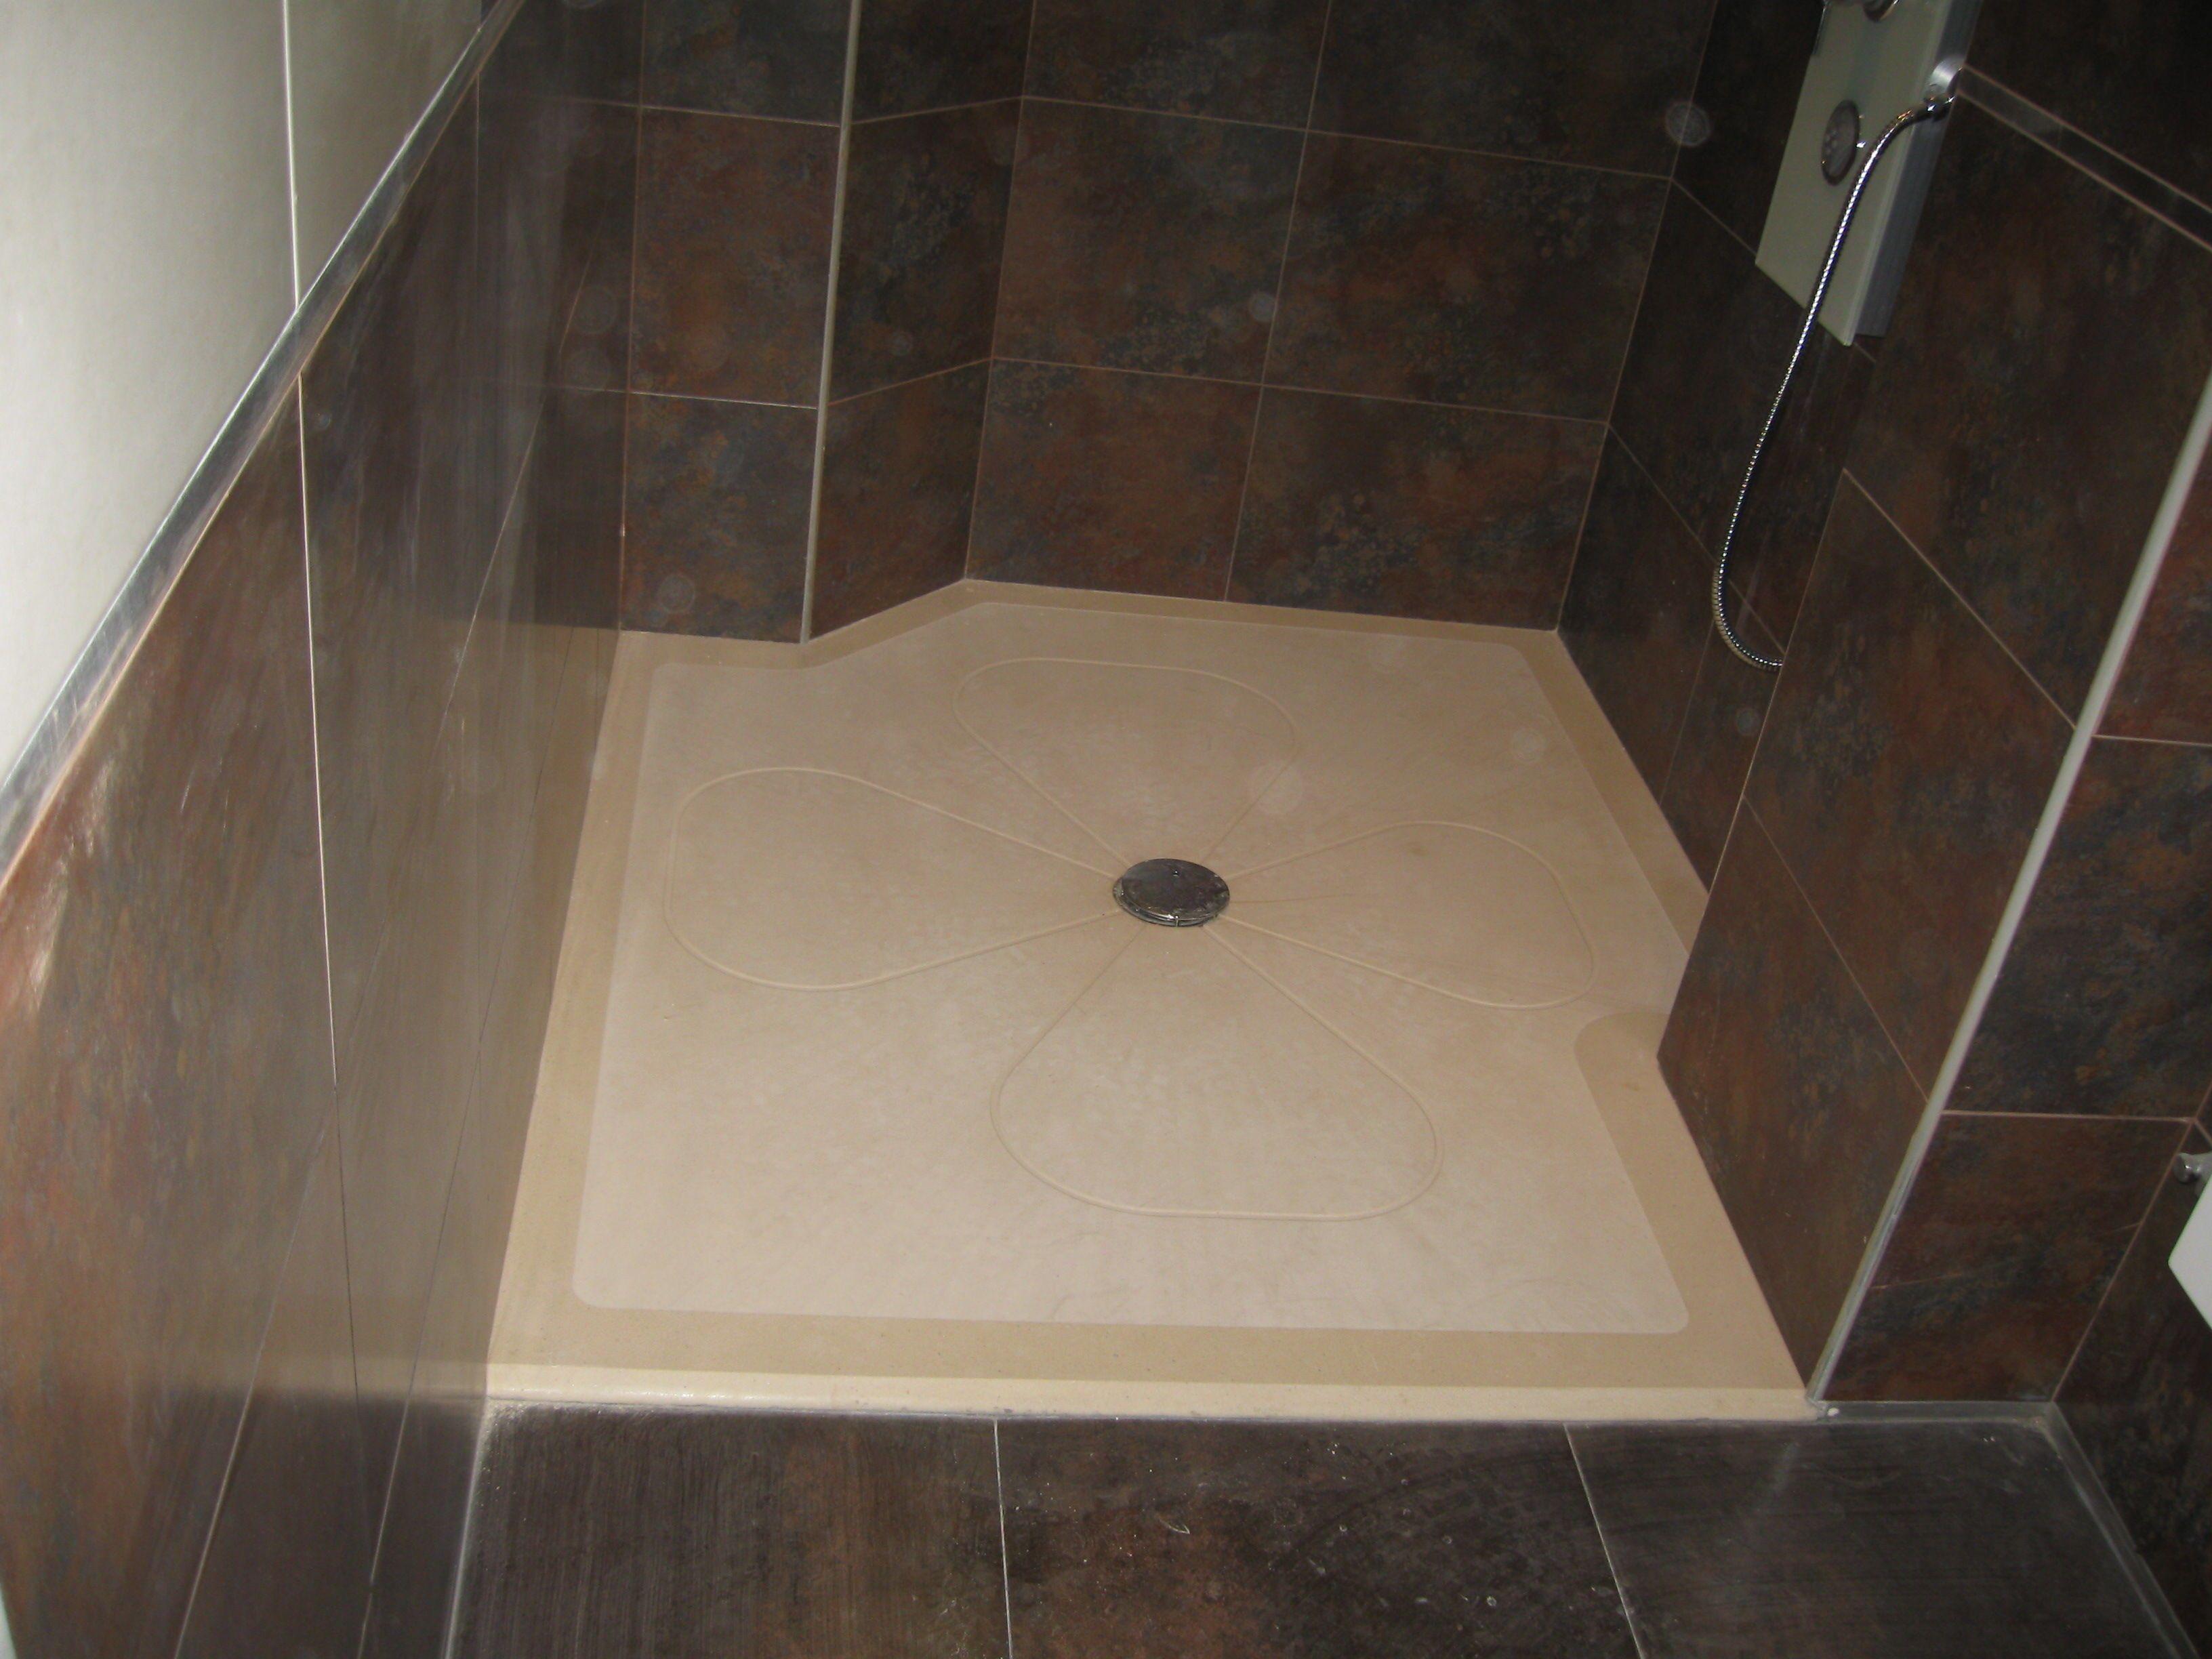 Marmoles y granito great instalacin de enchapes pisos - Marmoles y granitos precios ...